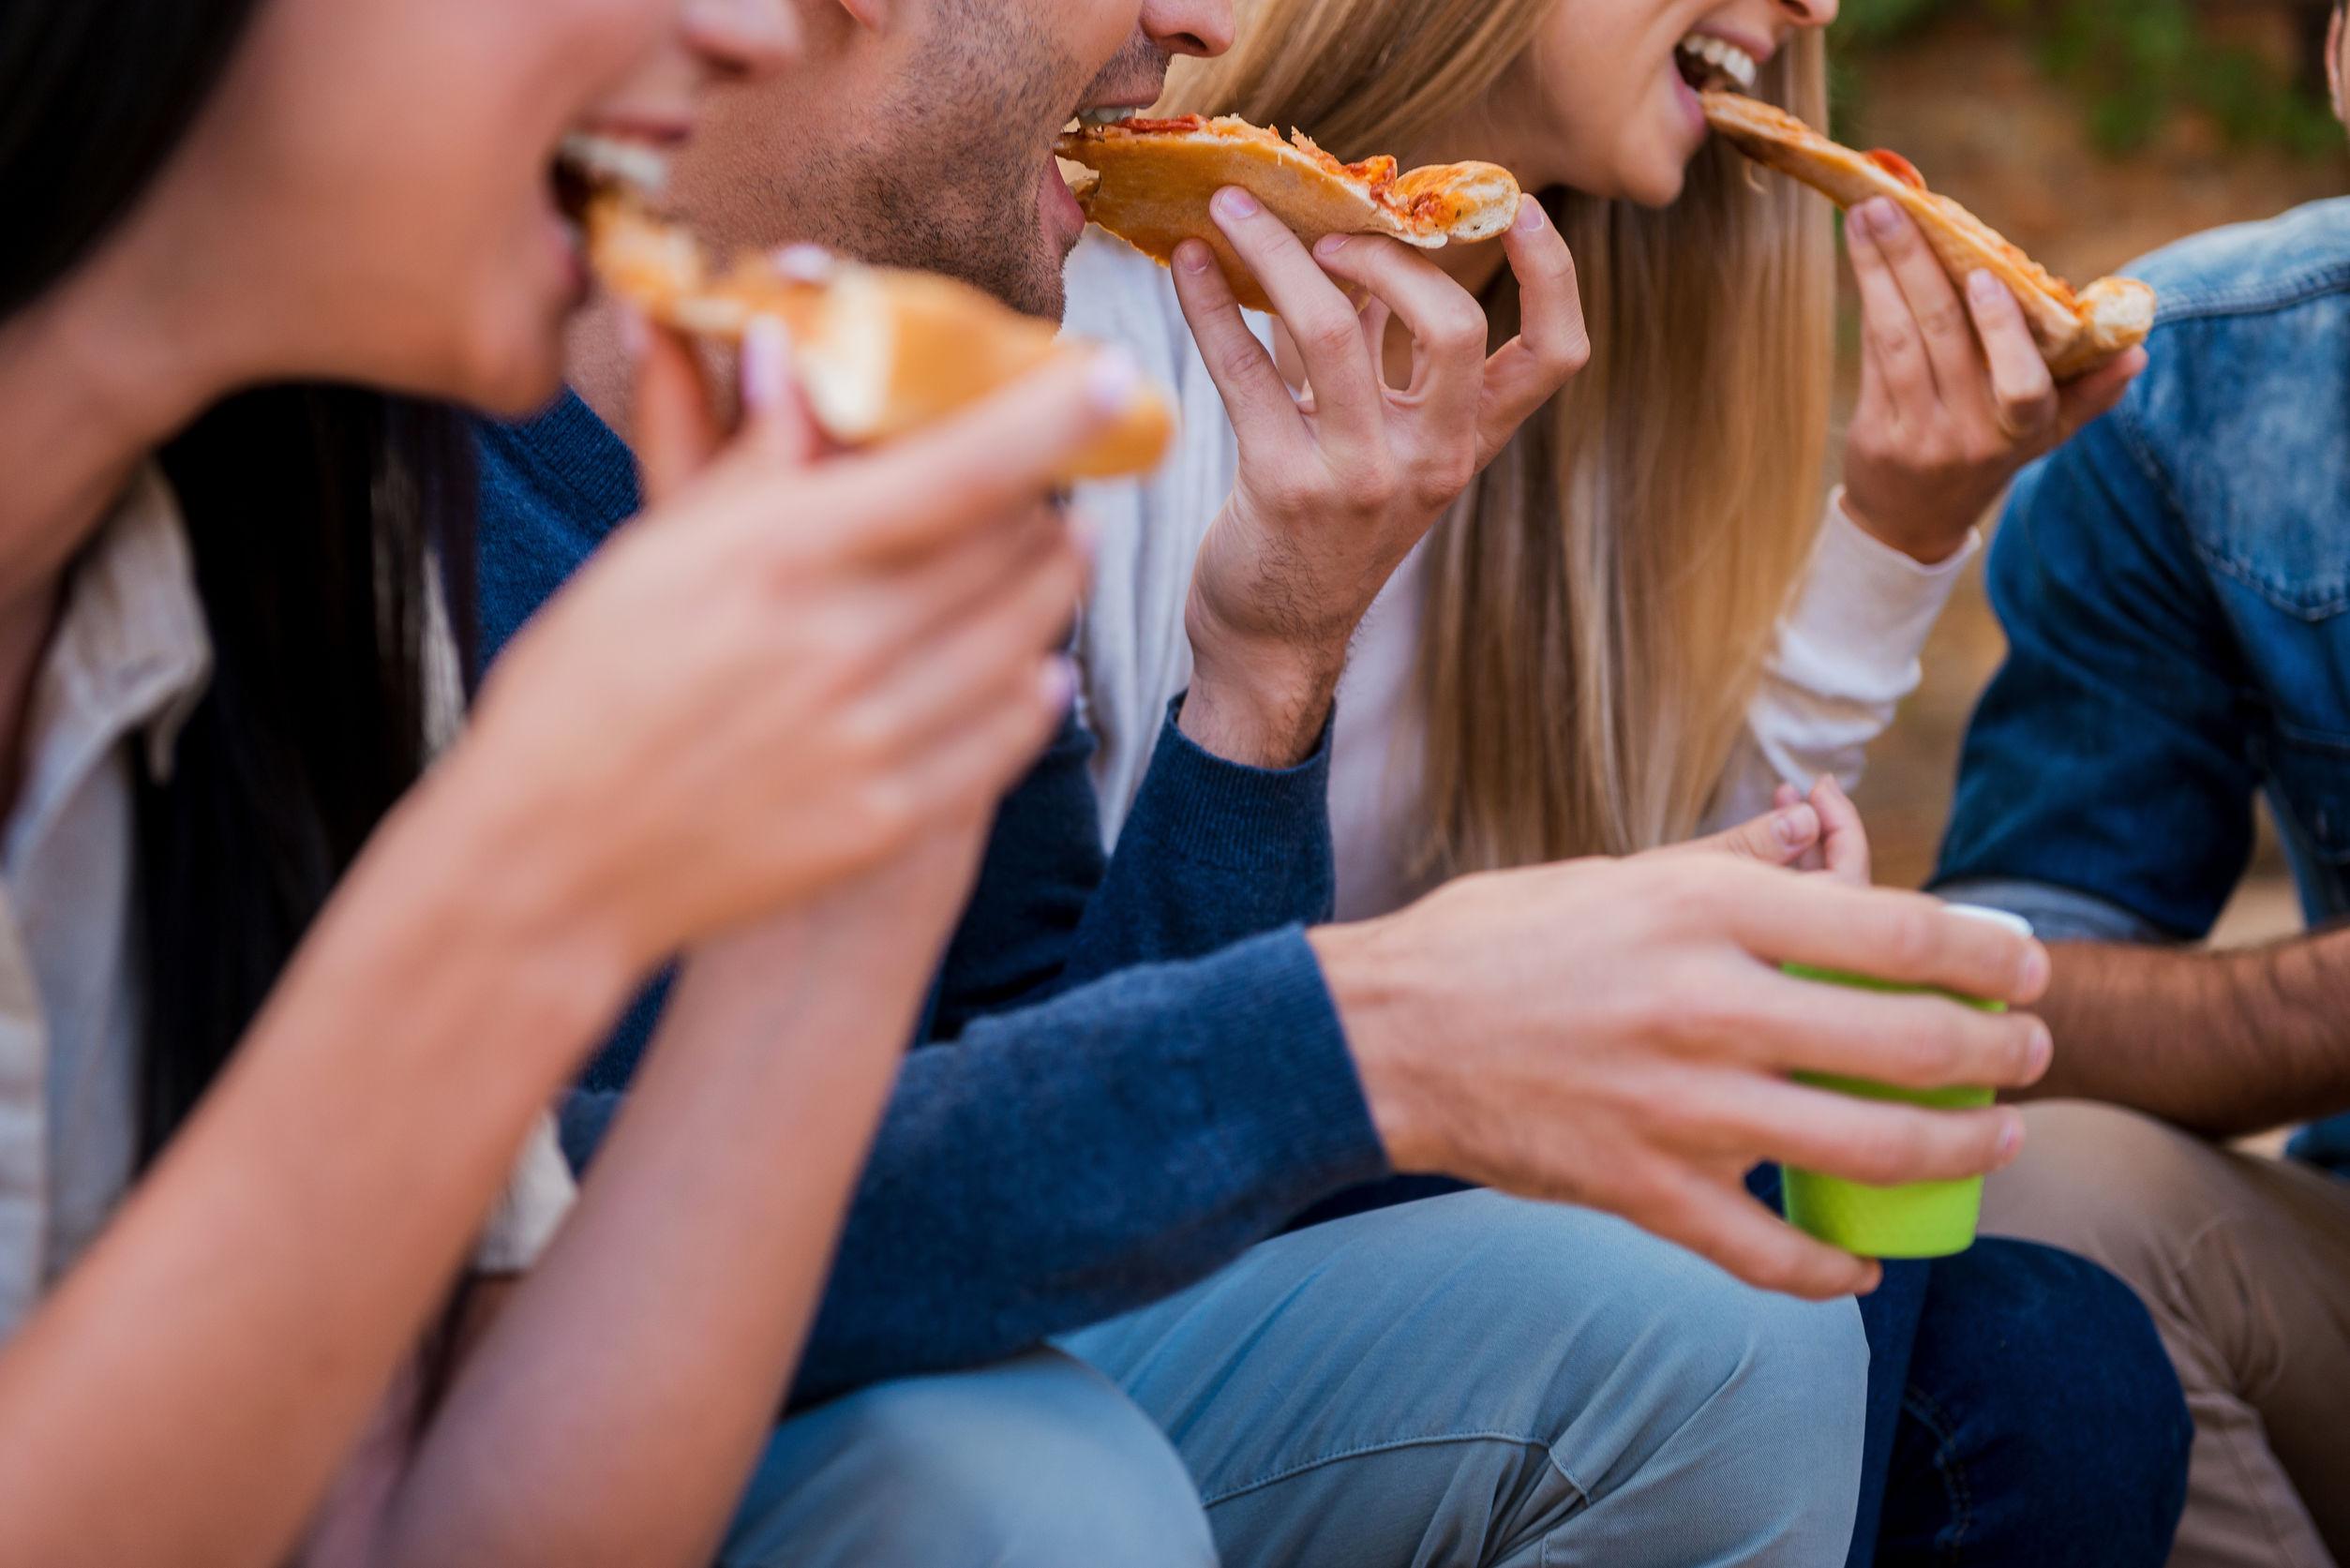 Ce spune despre tine felul în care mănânci